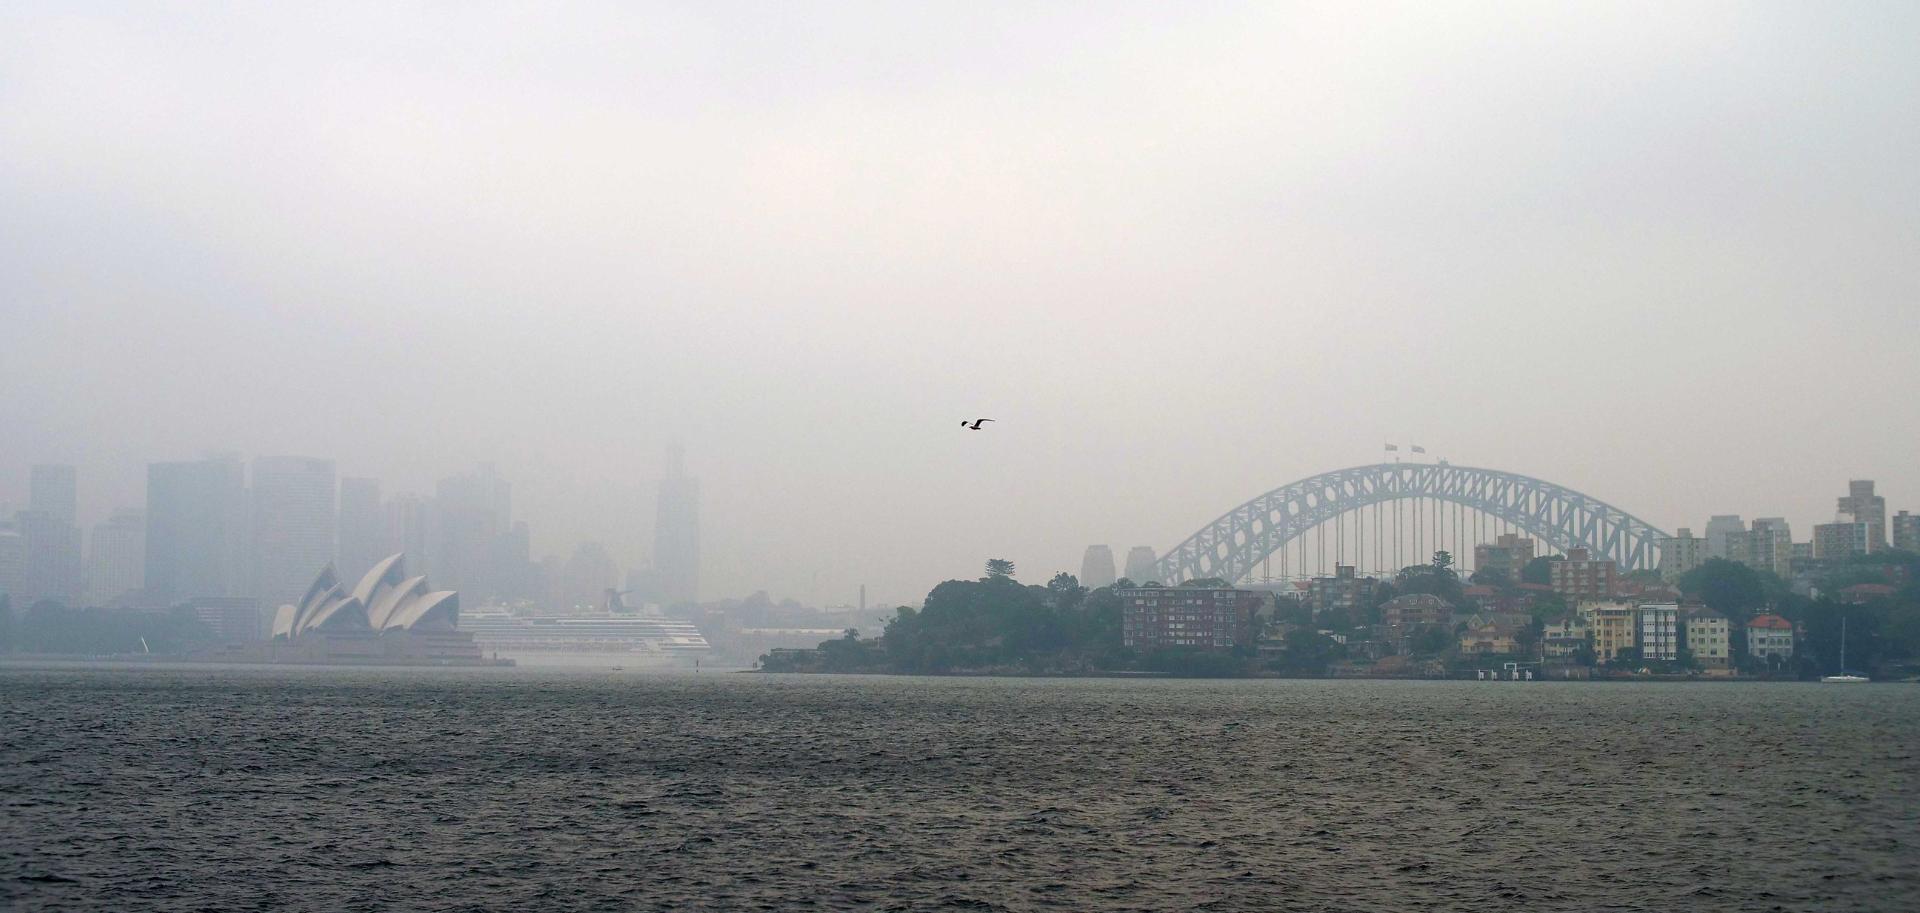 Bushfire Smoke Expsoure